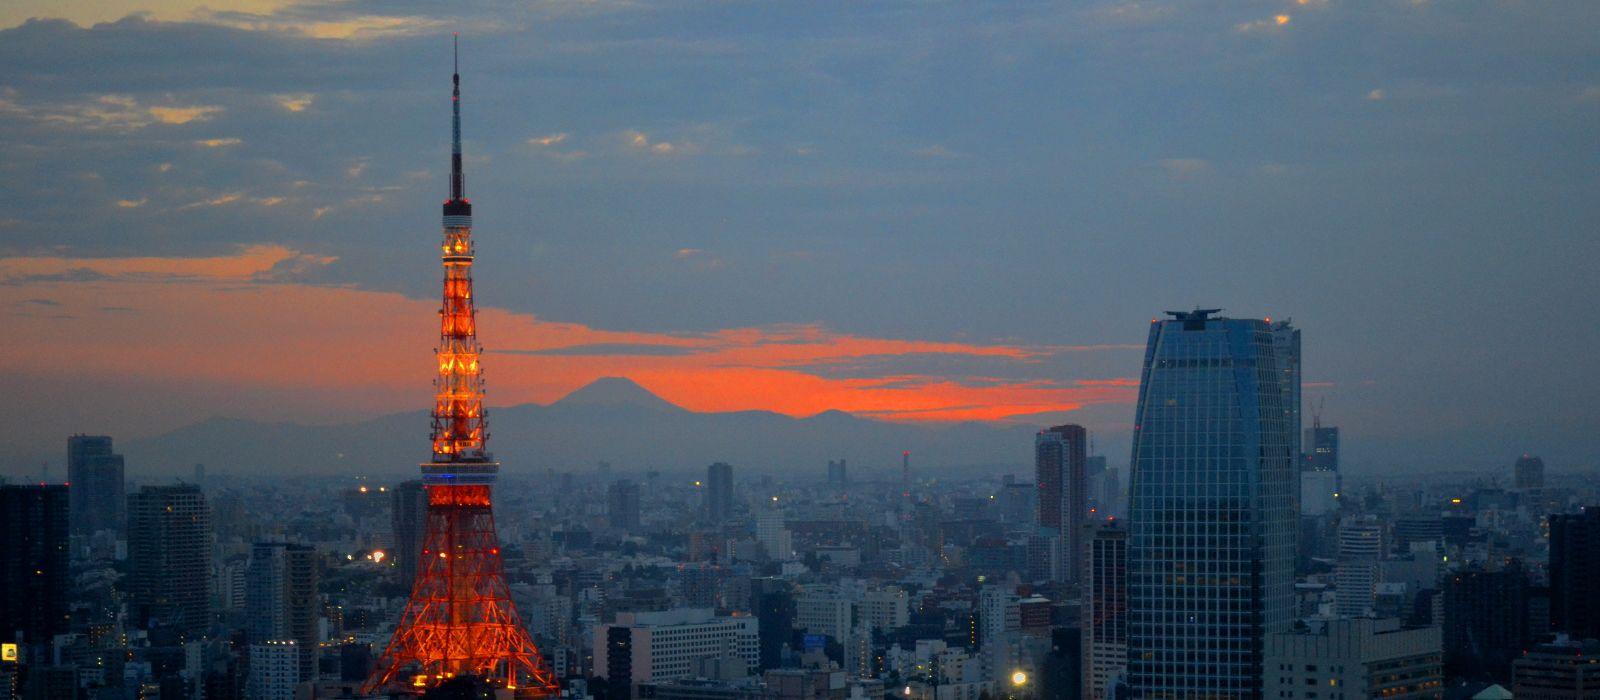 Just Japan: An Introduction Tour Trip 5